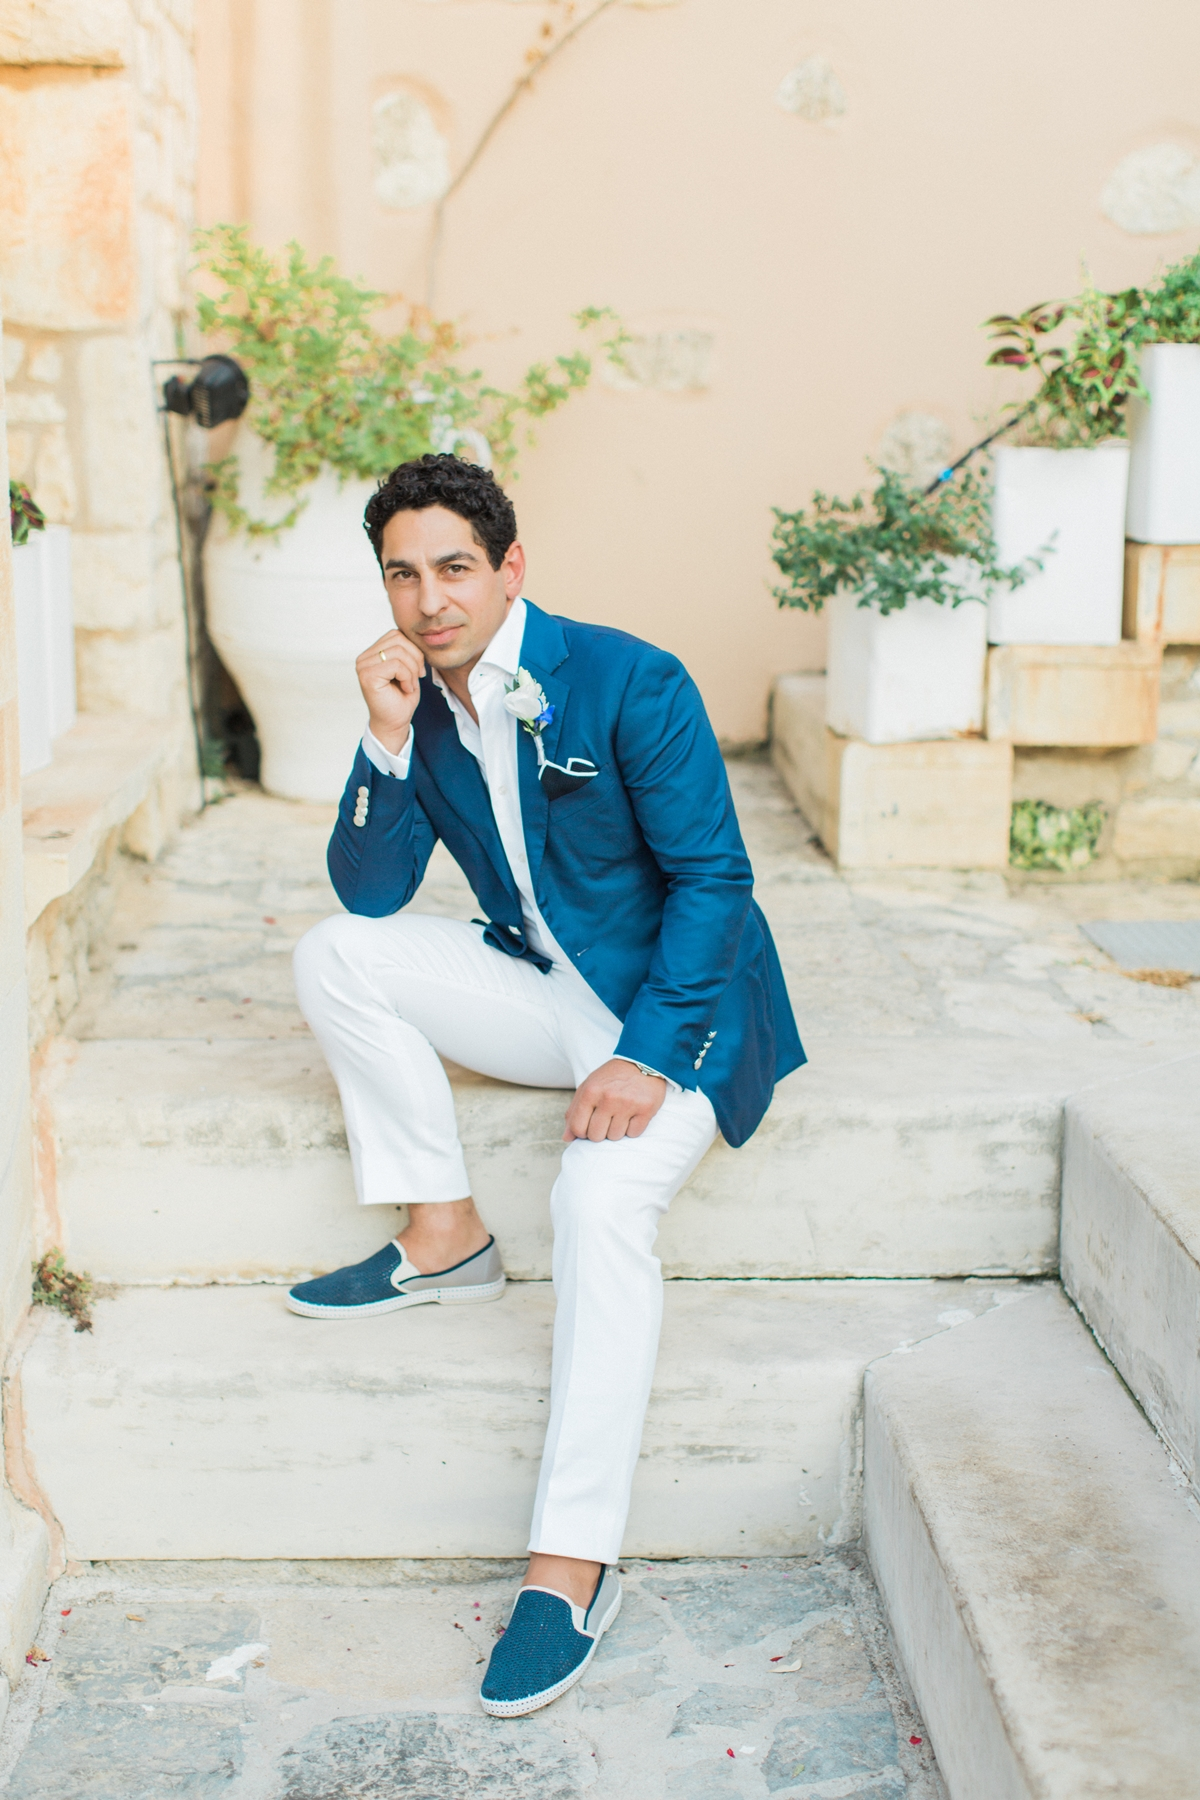 Καλοκαιρινό κοστούμι για το γαμπρό με λευκό παντελόνι και μπλε σακάκι